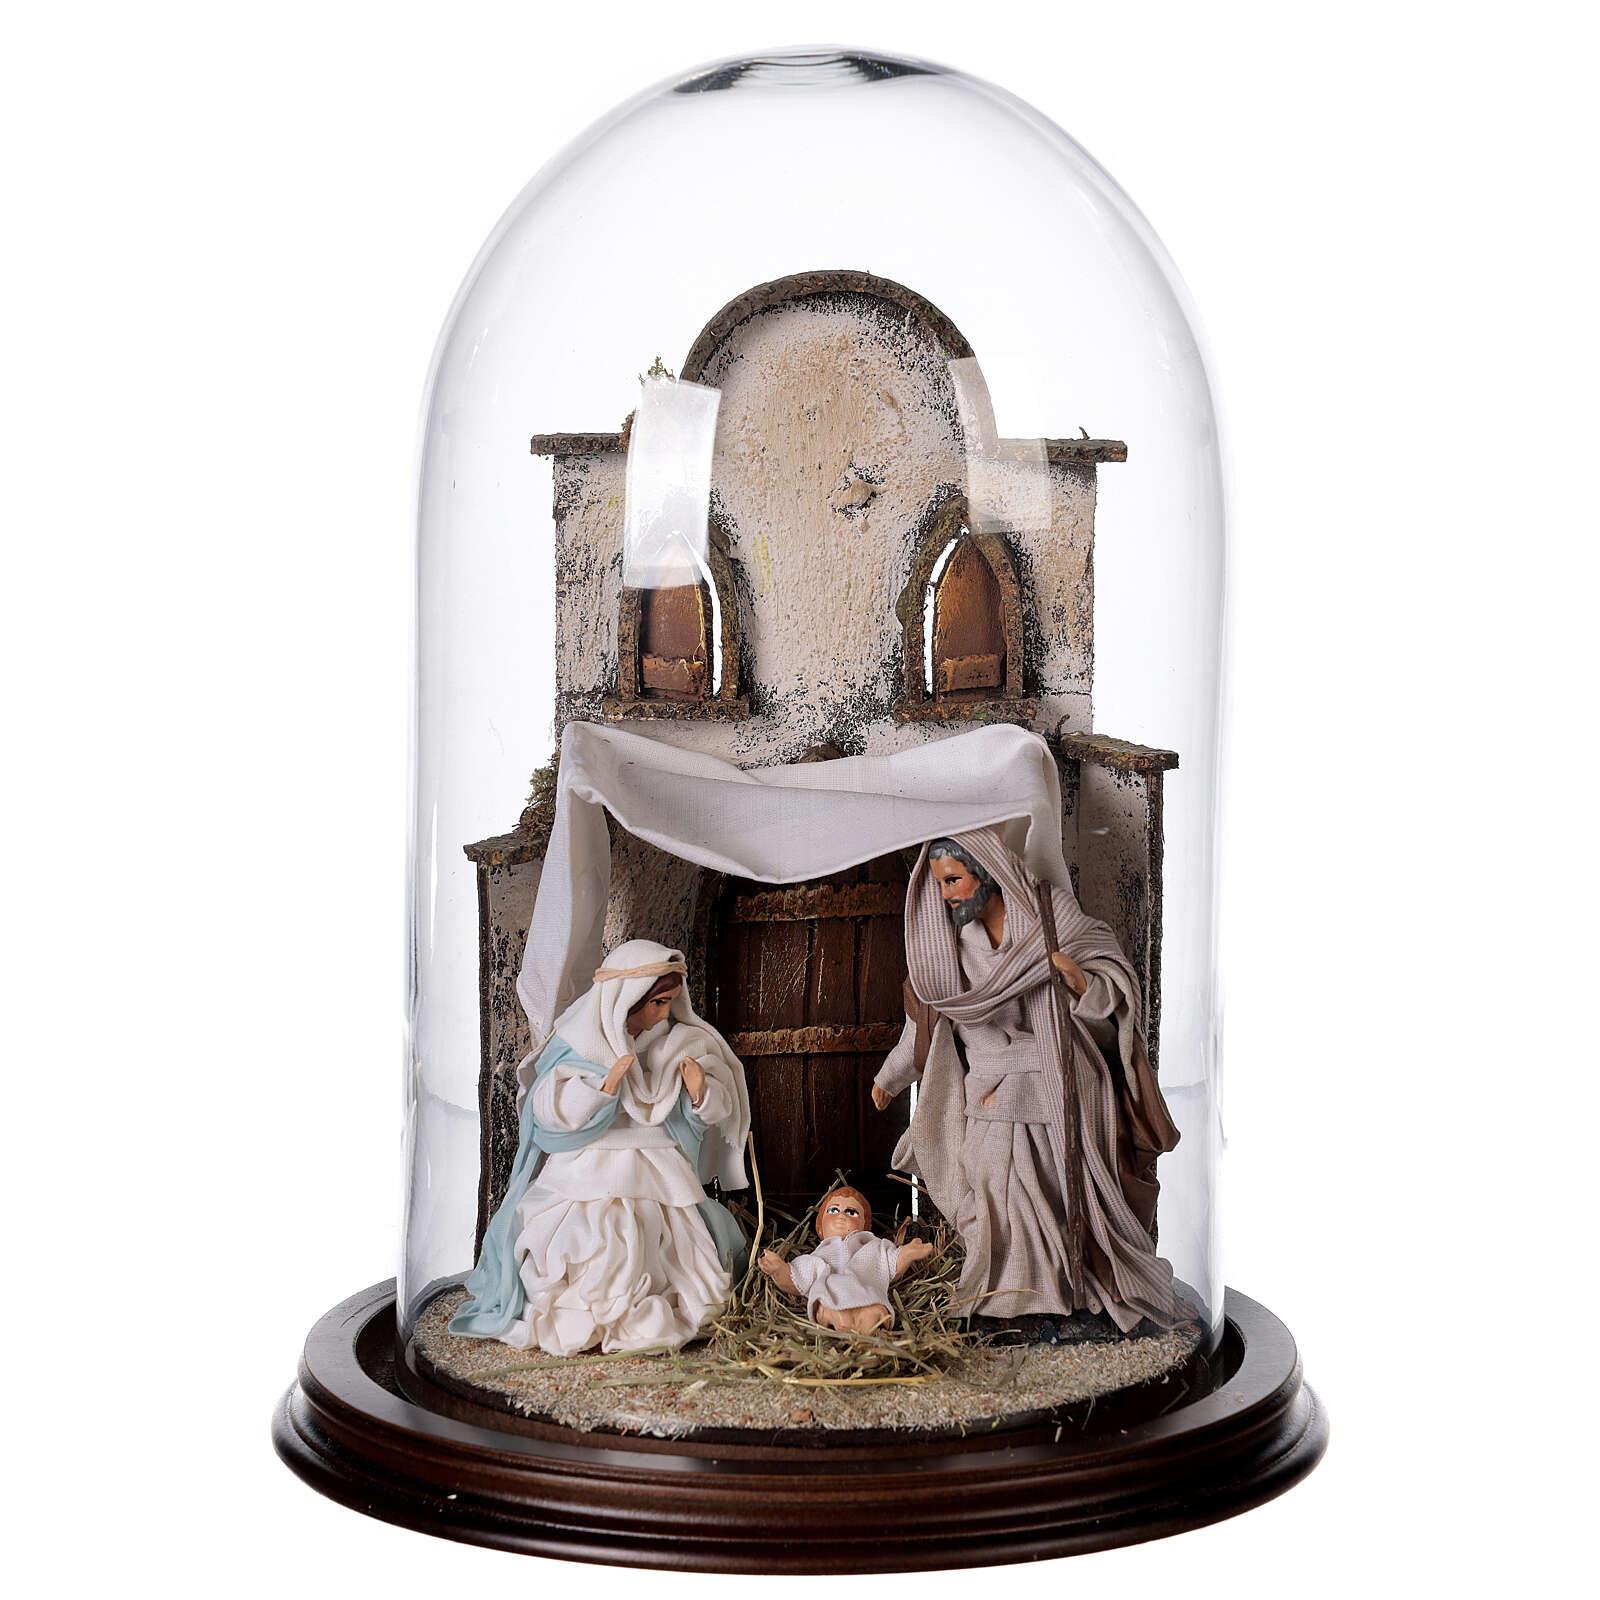 Natività Napoli terracotta stile arabo 20x30 cm campana di vetro 4